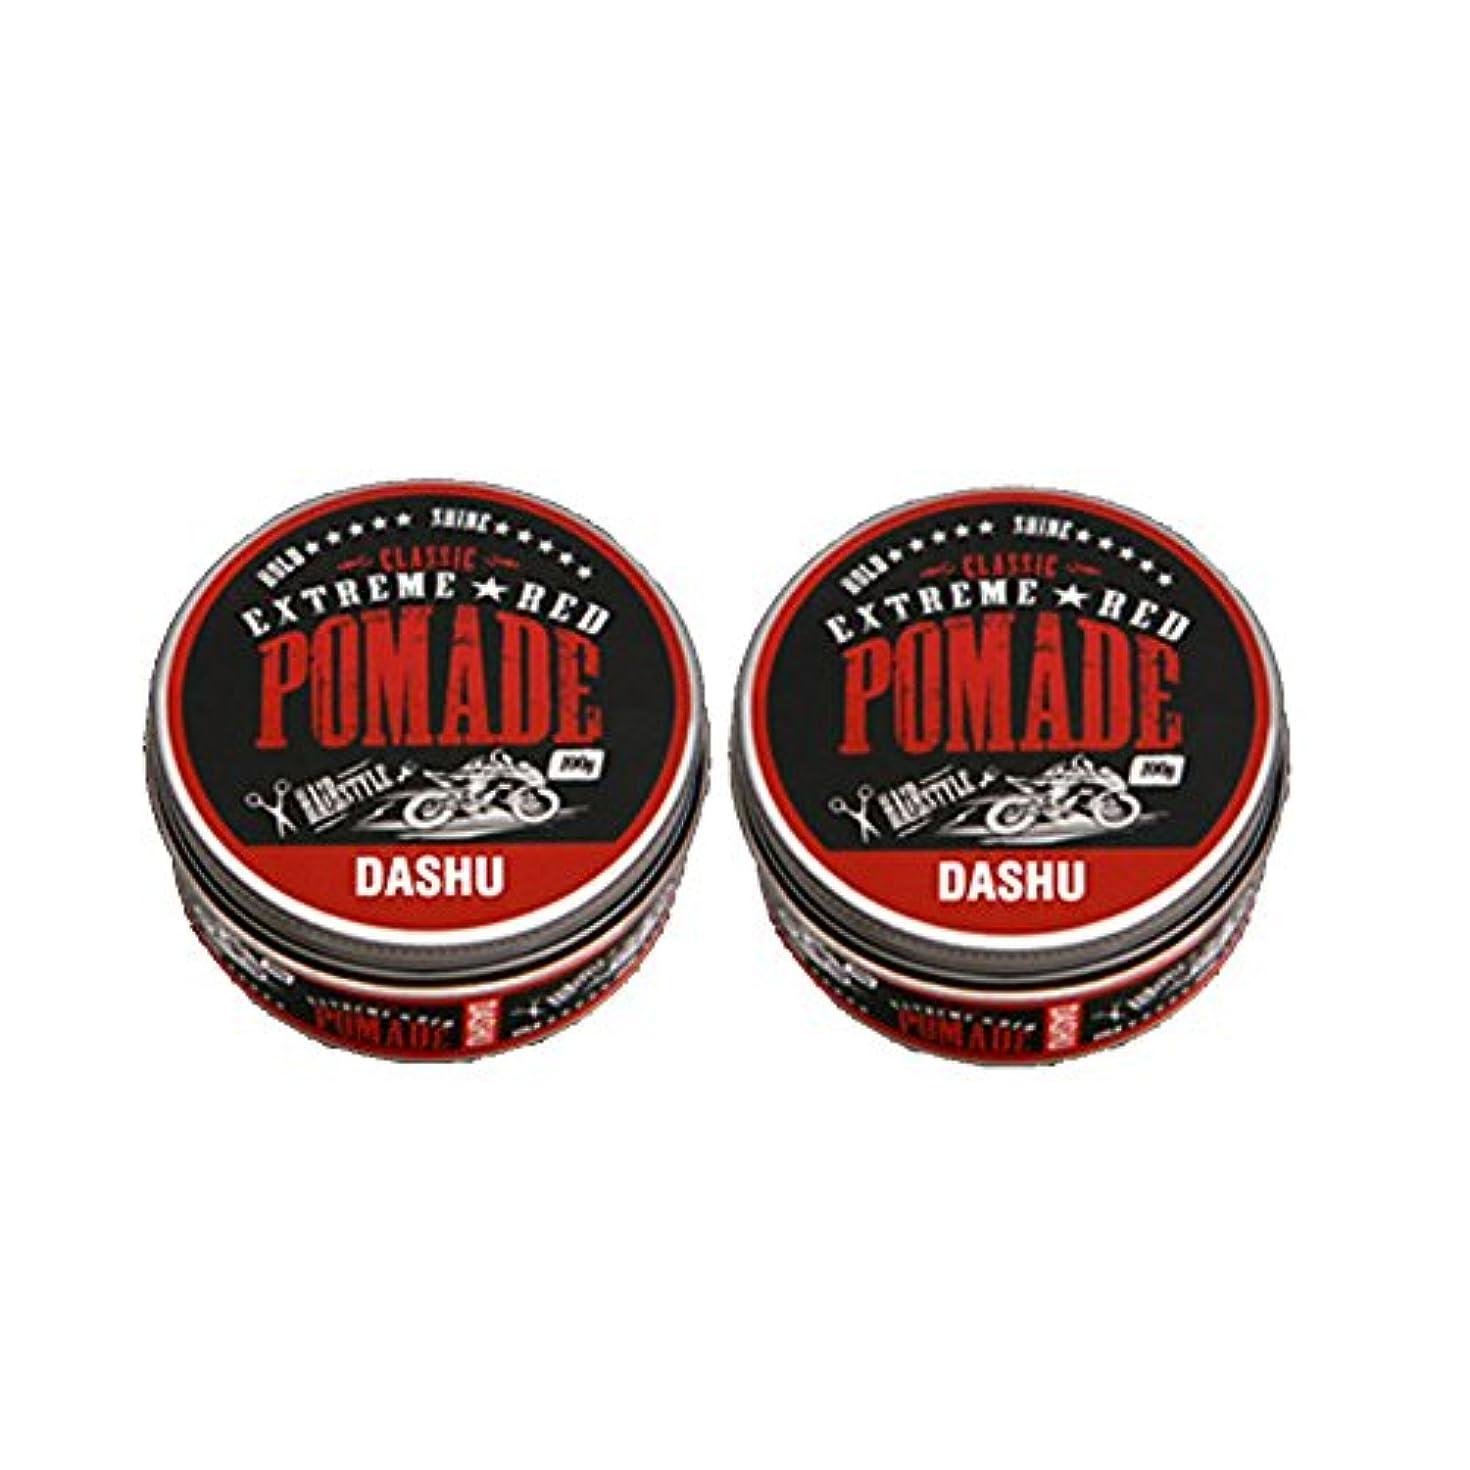 無心有毒な保険をかける(2個セット) x [DASHU] ダシュ クラシックエクストリームレッドポマード Classic Extreme Red Pomade Hair Wax 100ml / 韓国製 . 韓国直送品